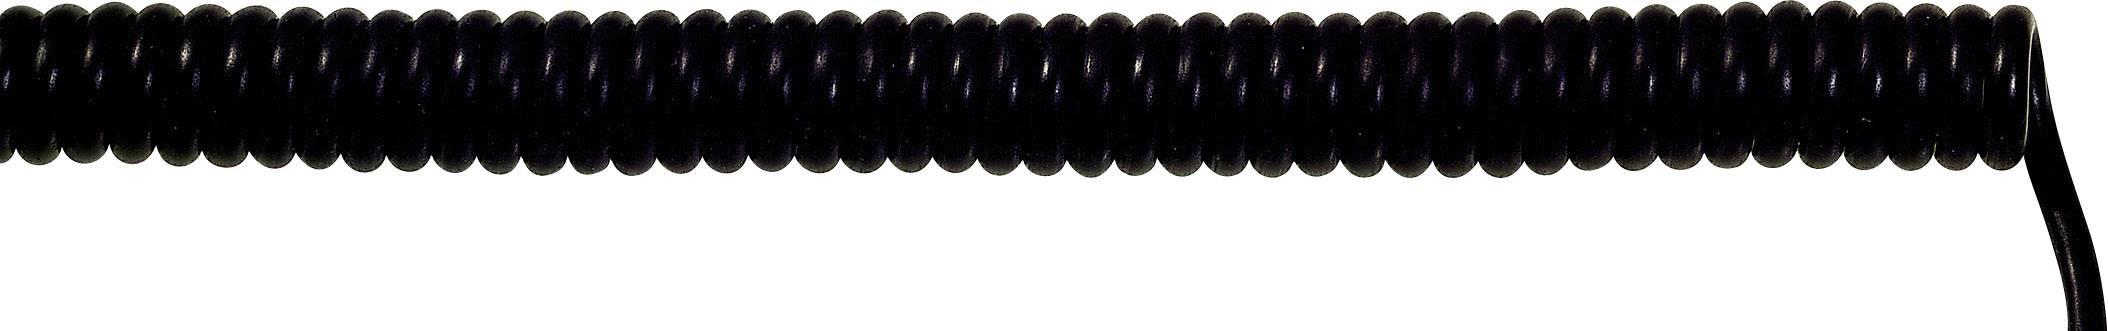 Špirálový kábel 73220206 UNITRONIC® SPIRAL 3 x 0.14 mm², 200 mm / 800 mm, čierna